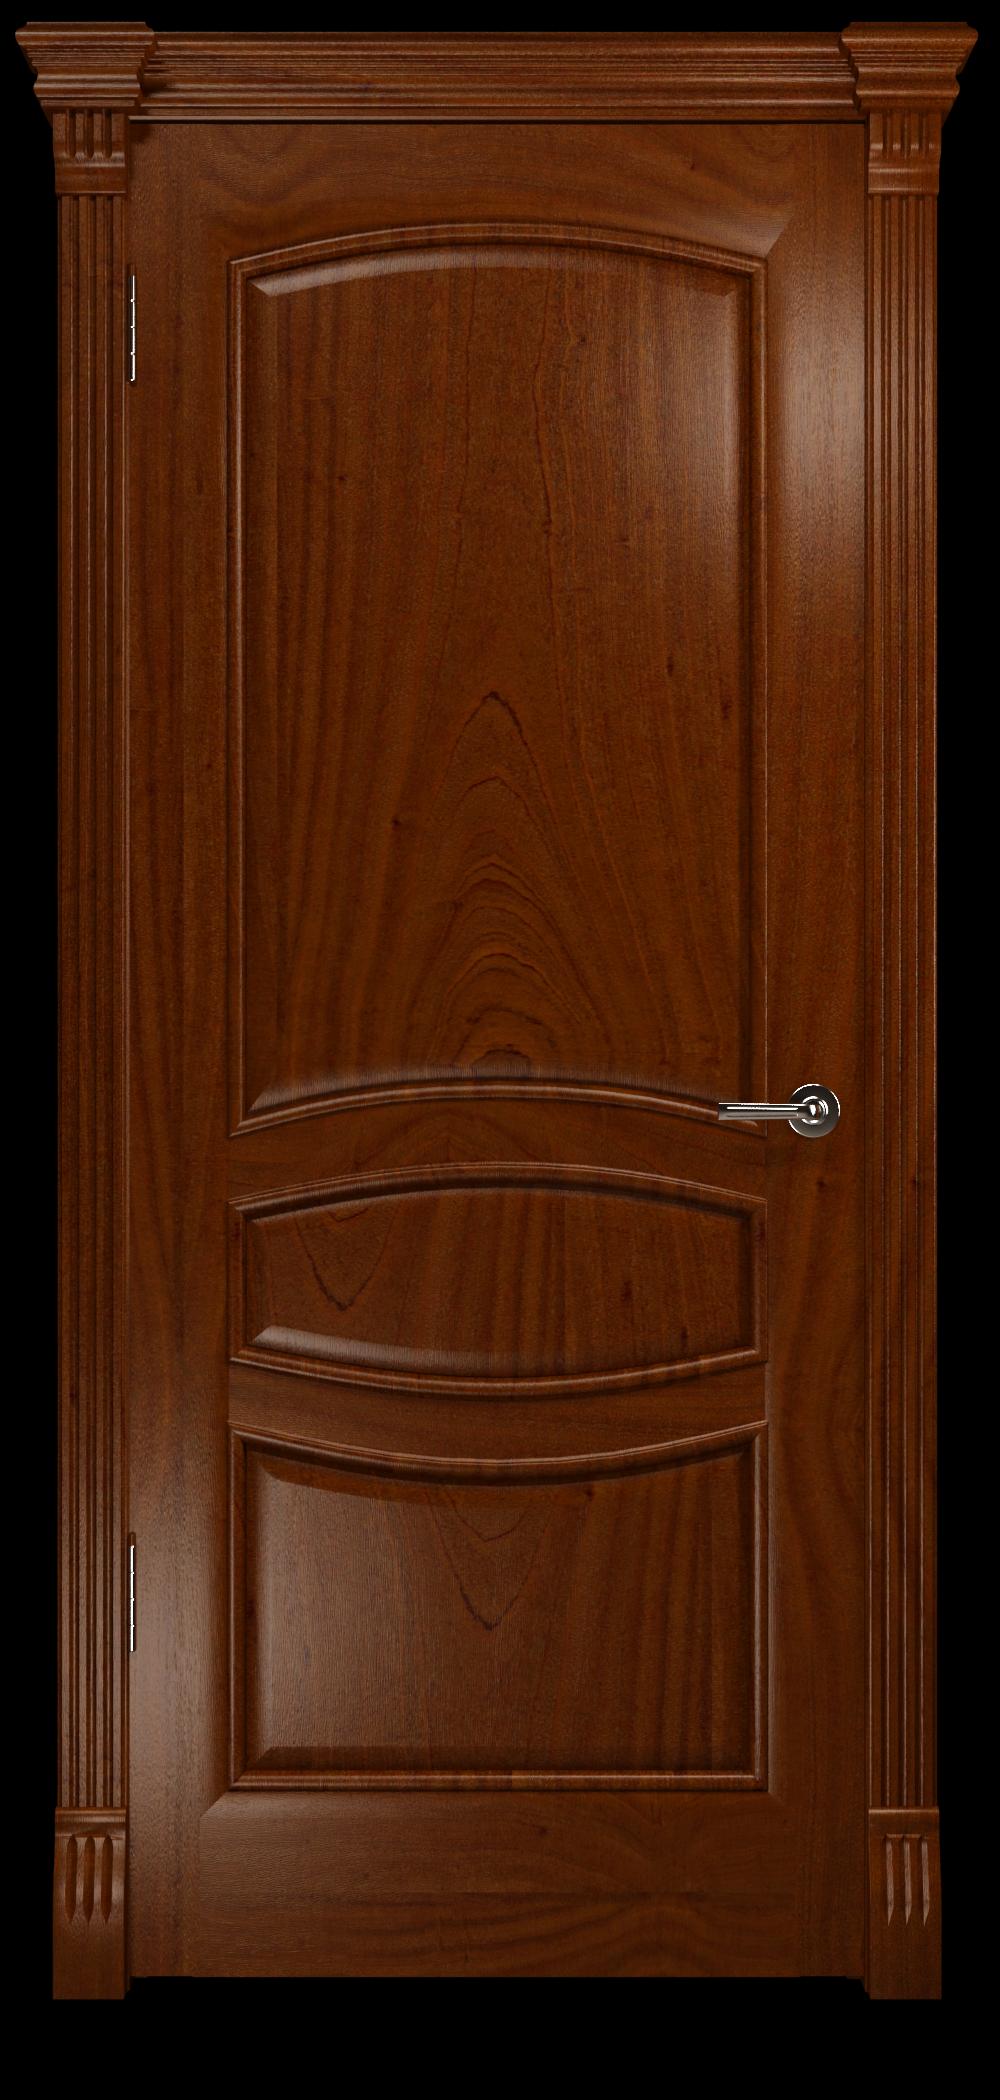 Clipart door brown door. Transparent png file web